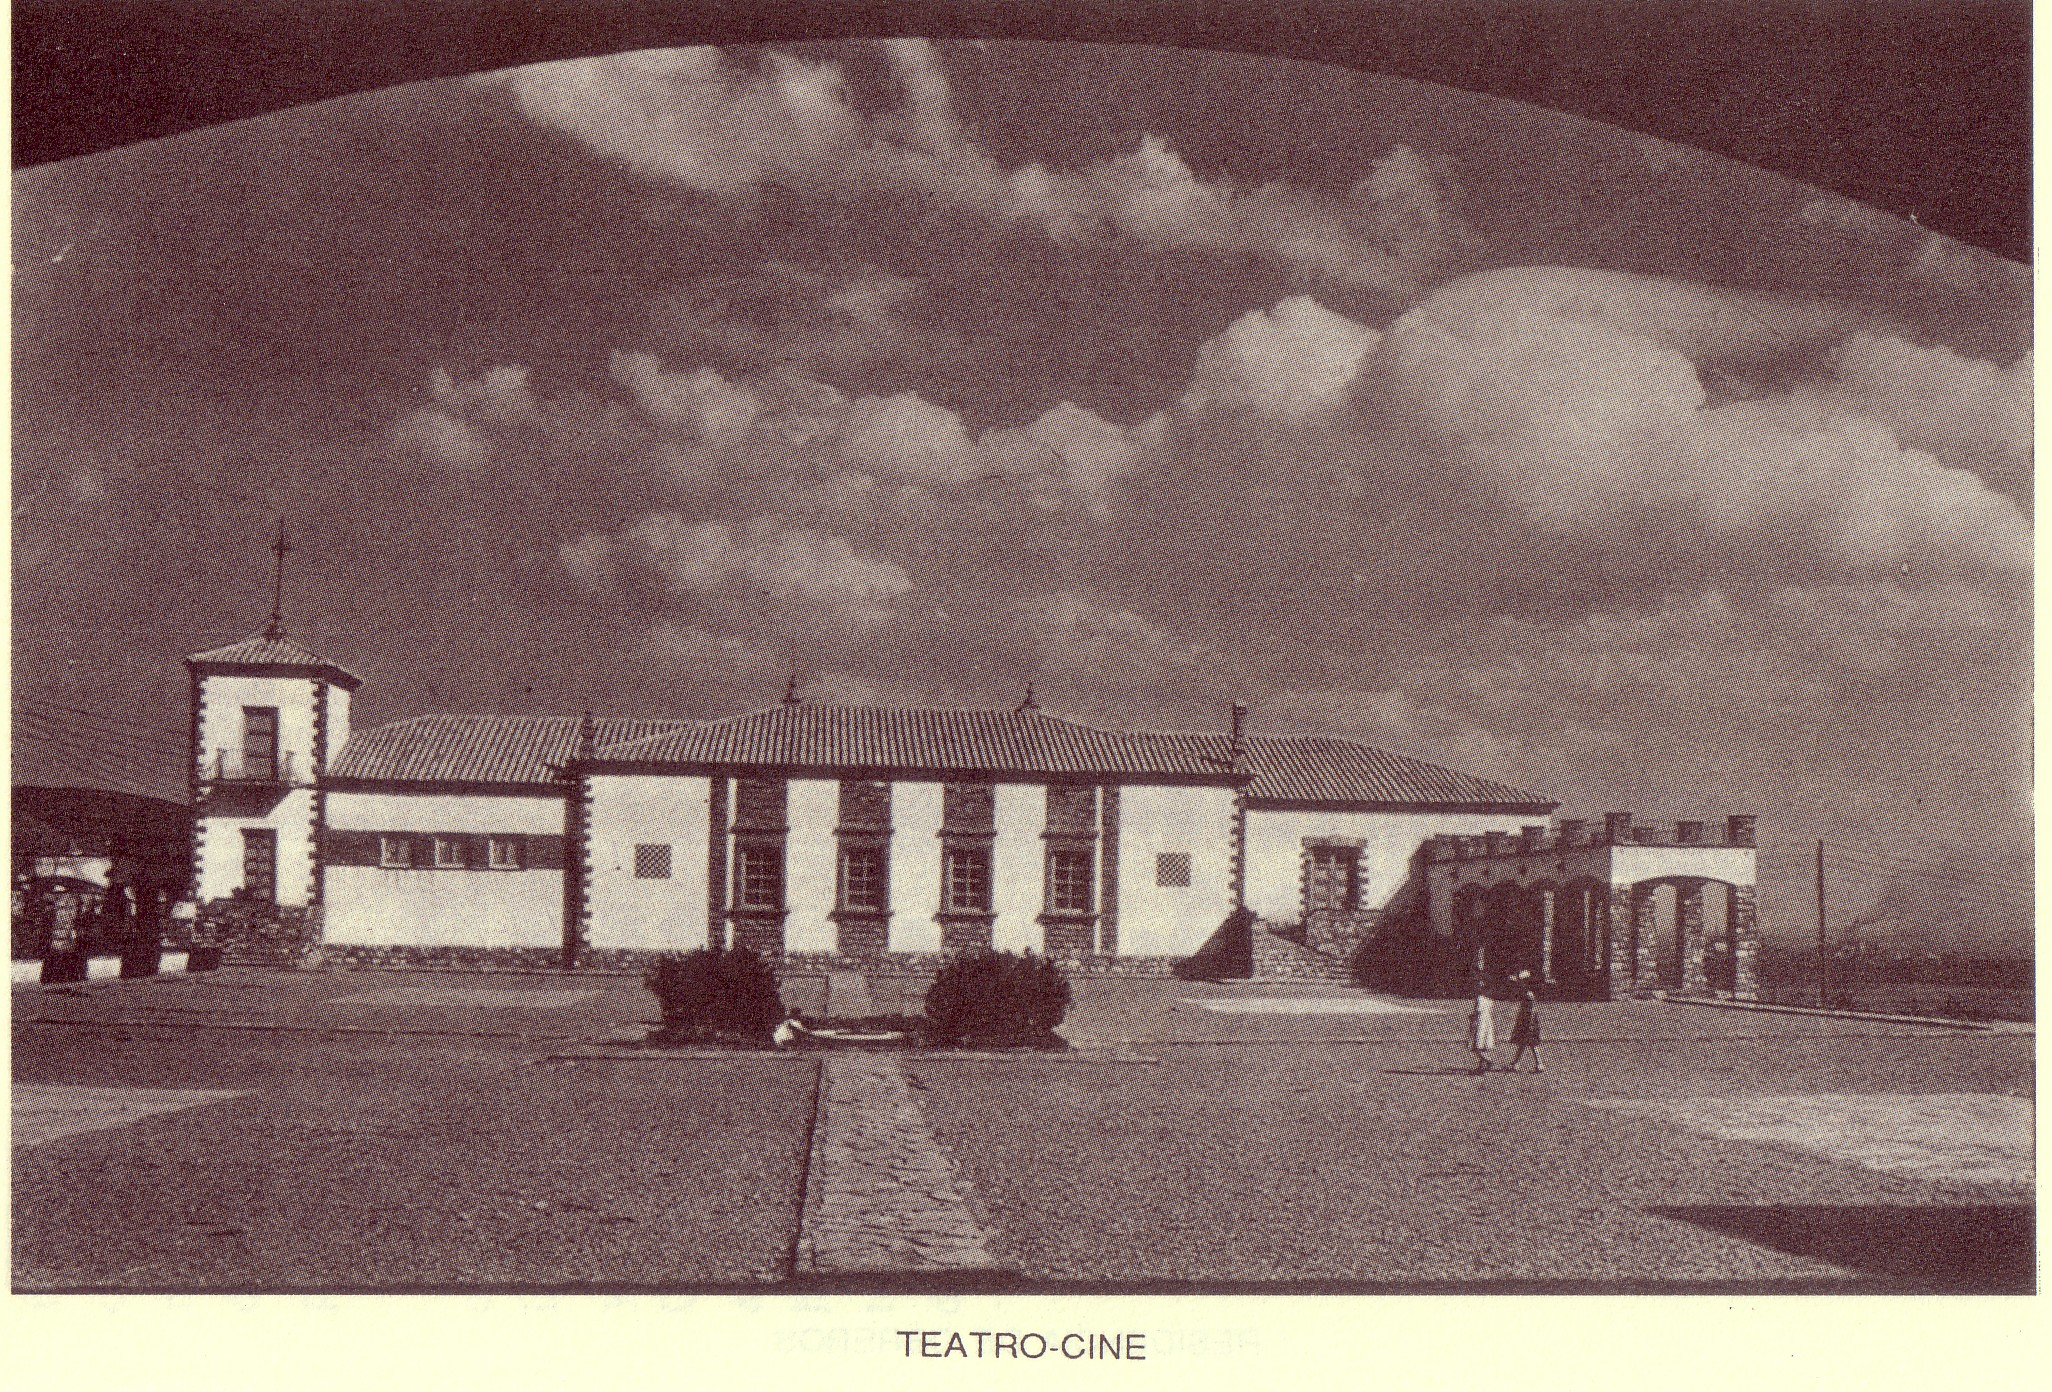 Teatro Cine del Poblado